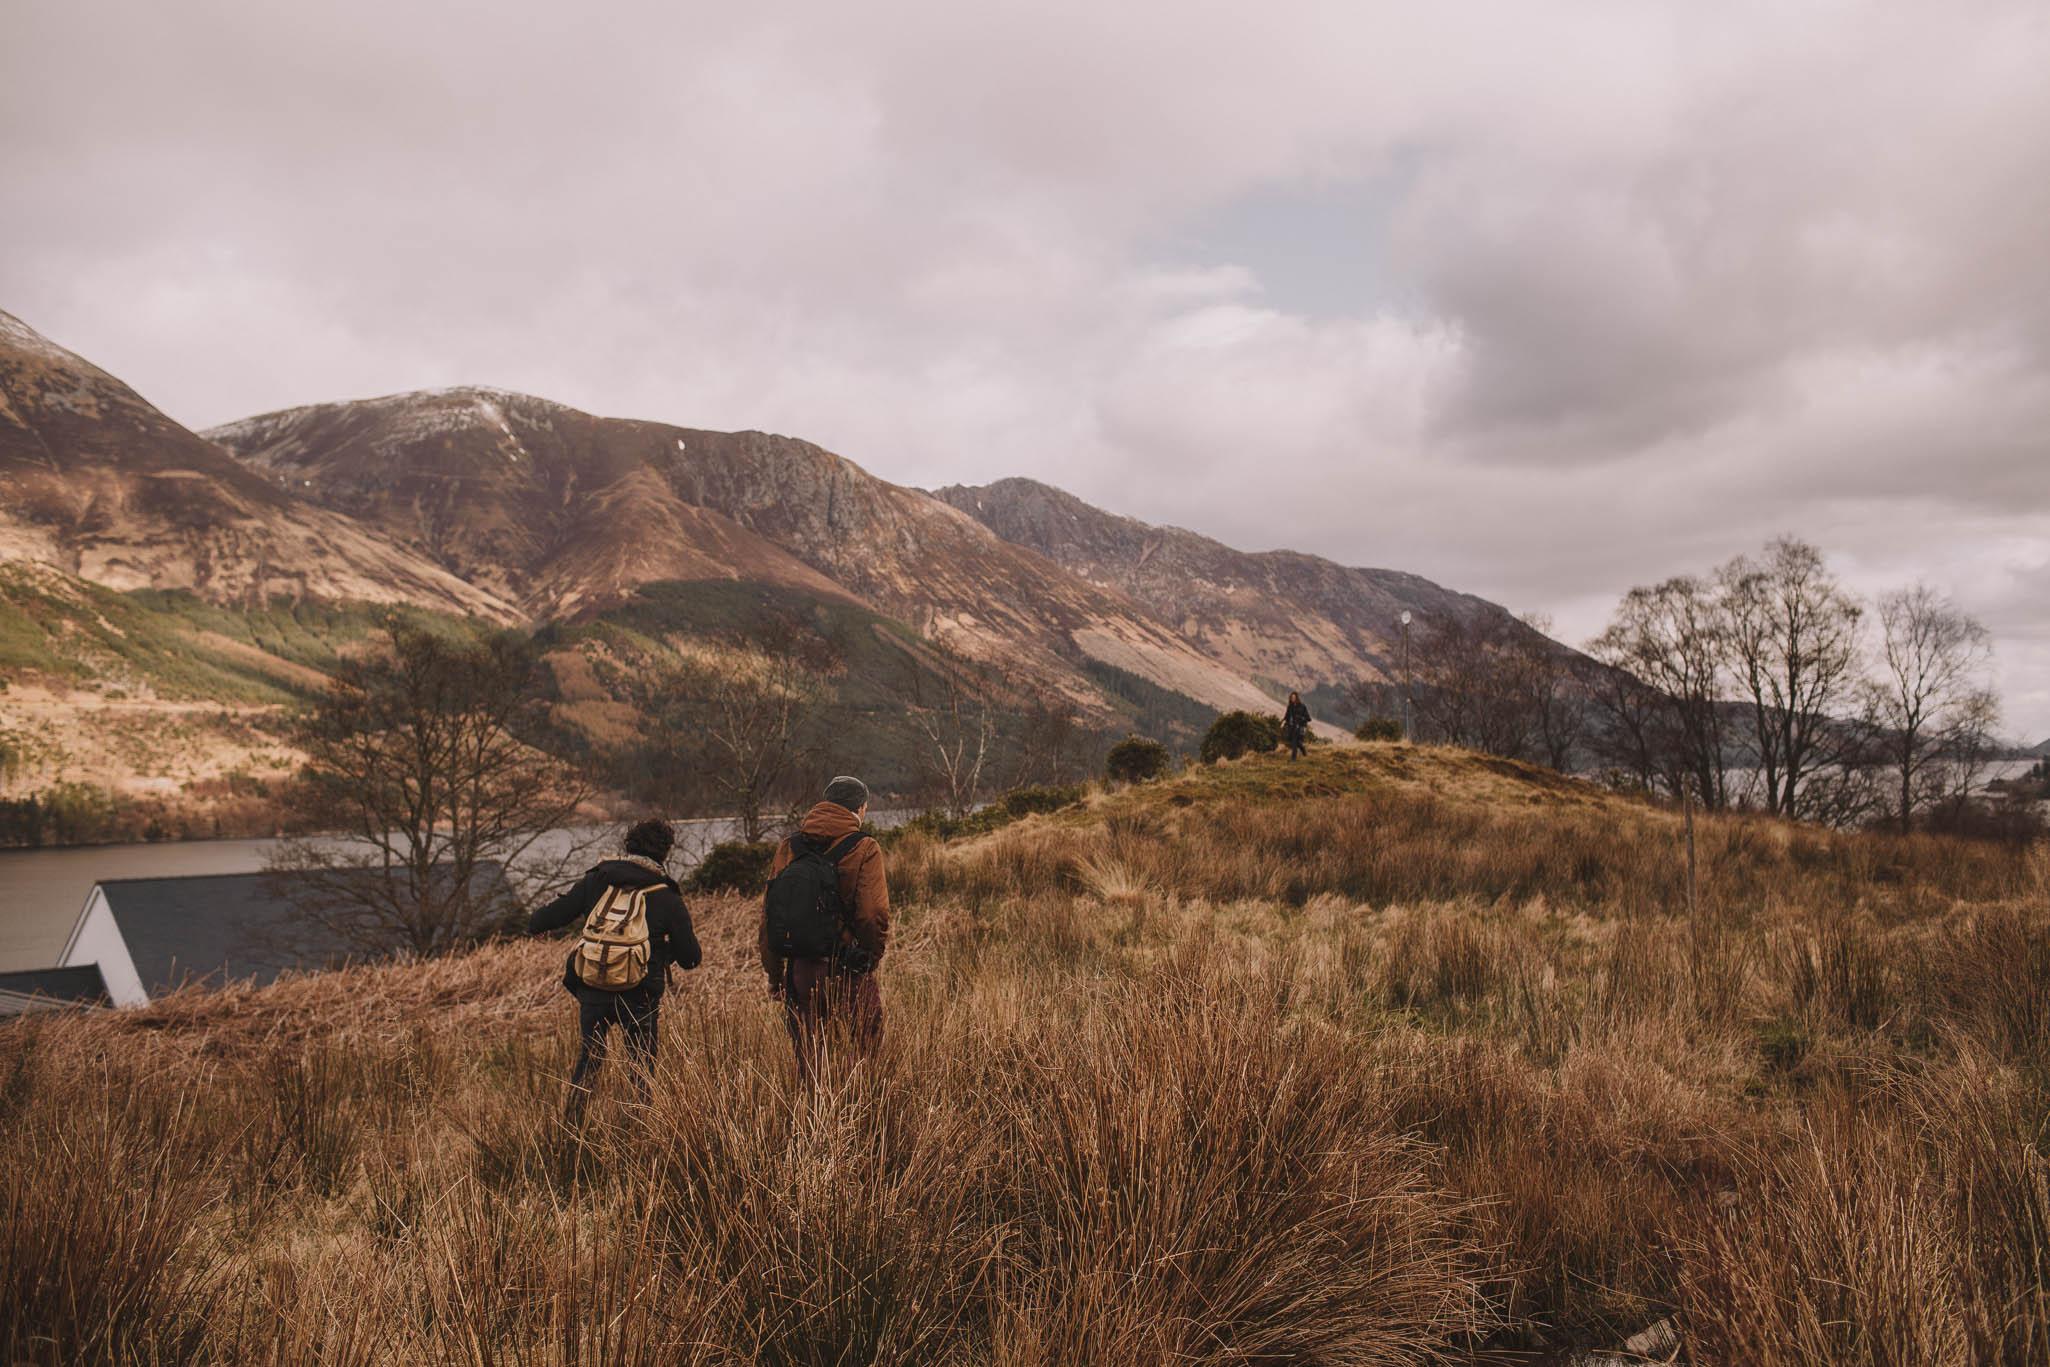 Scotland-wedding-photographer-jeremy-boyer-photographe-mariage-ecosse-voyage-road-trip-travel-32.jpg